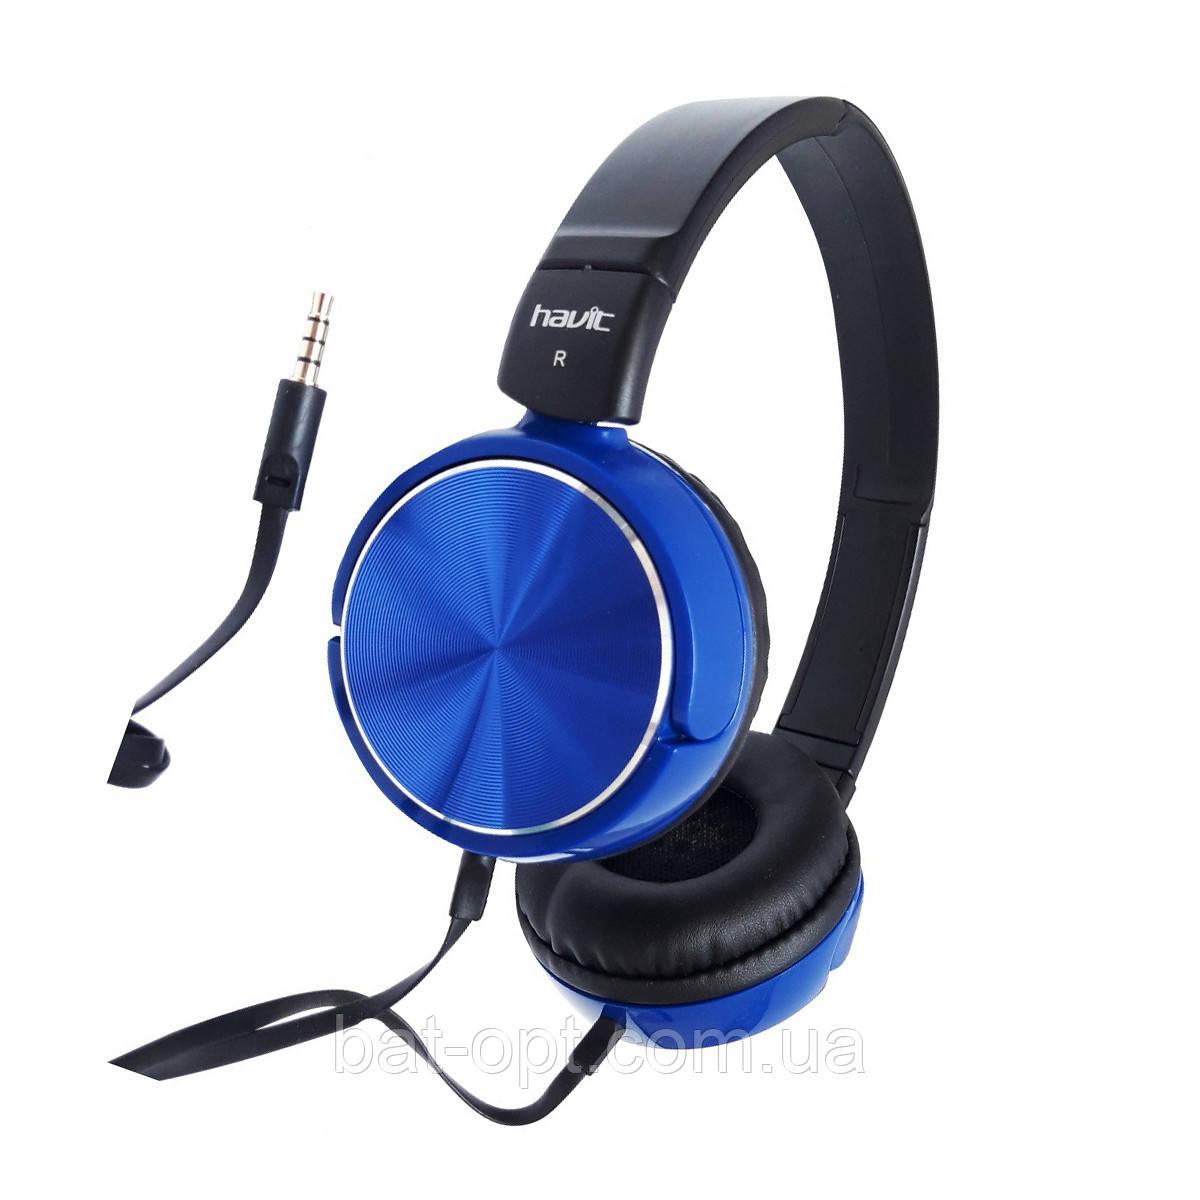 Наушники с микрофоном Havit HV-H2178D черно-голубые